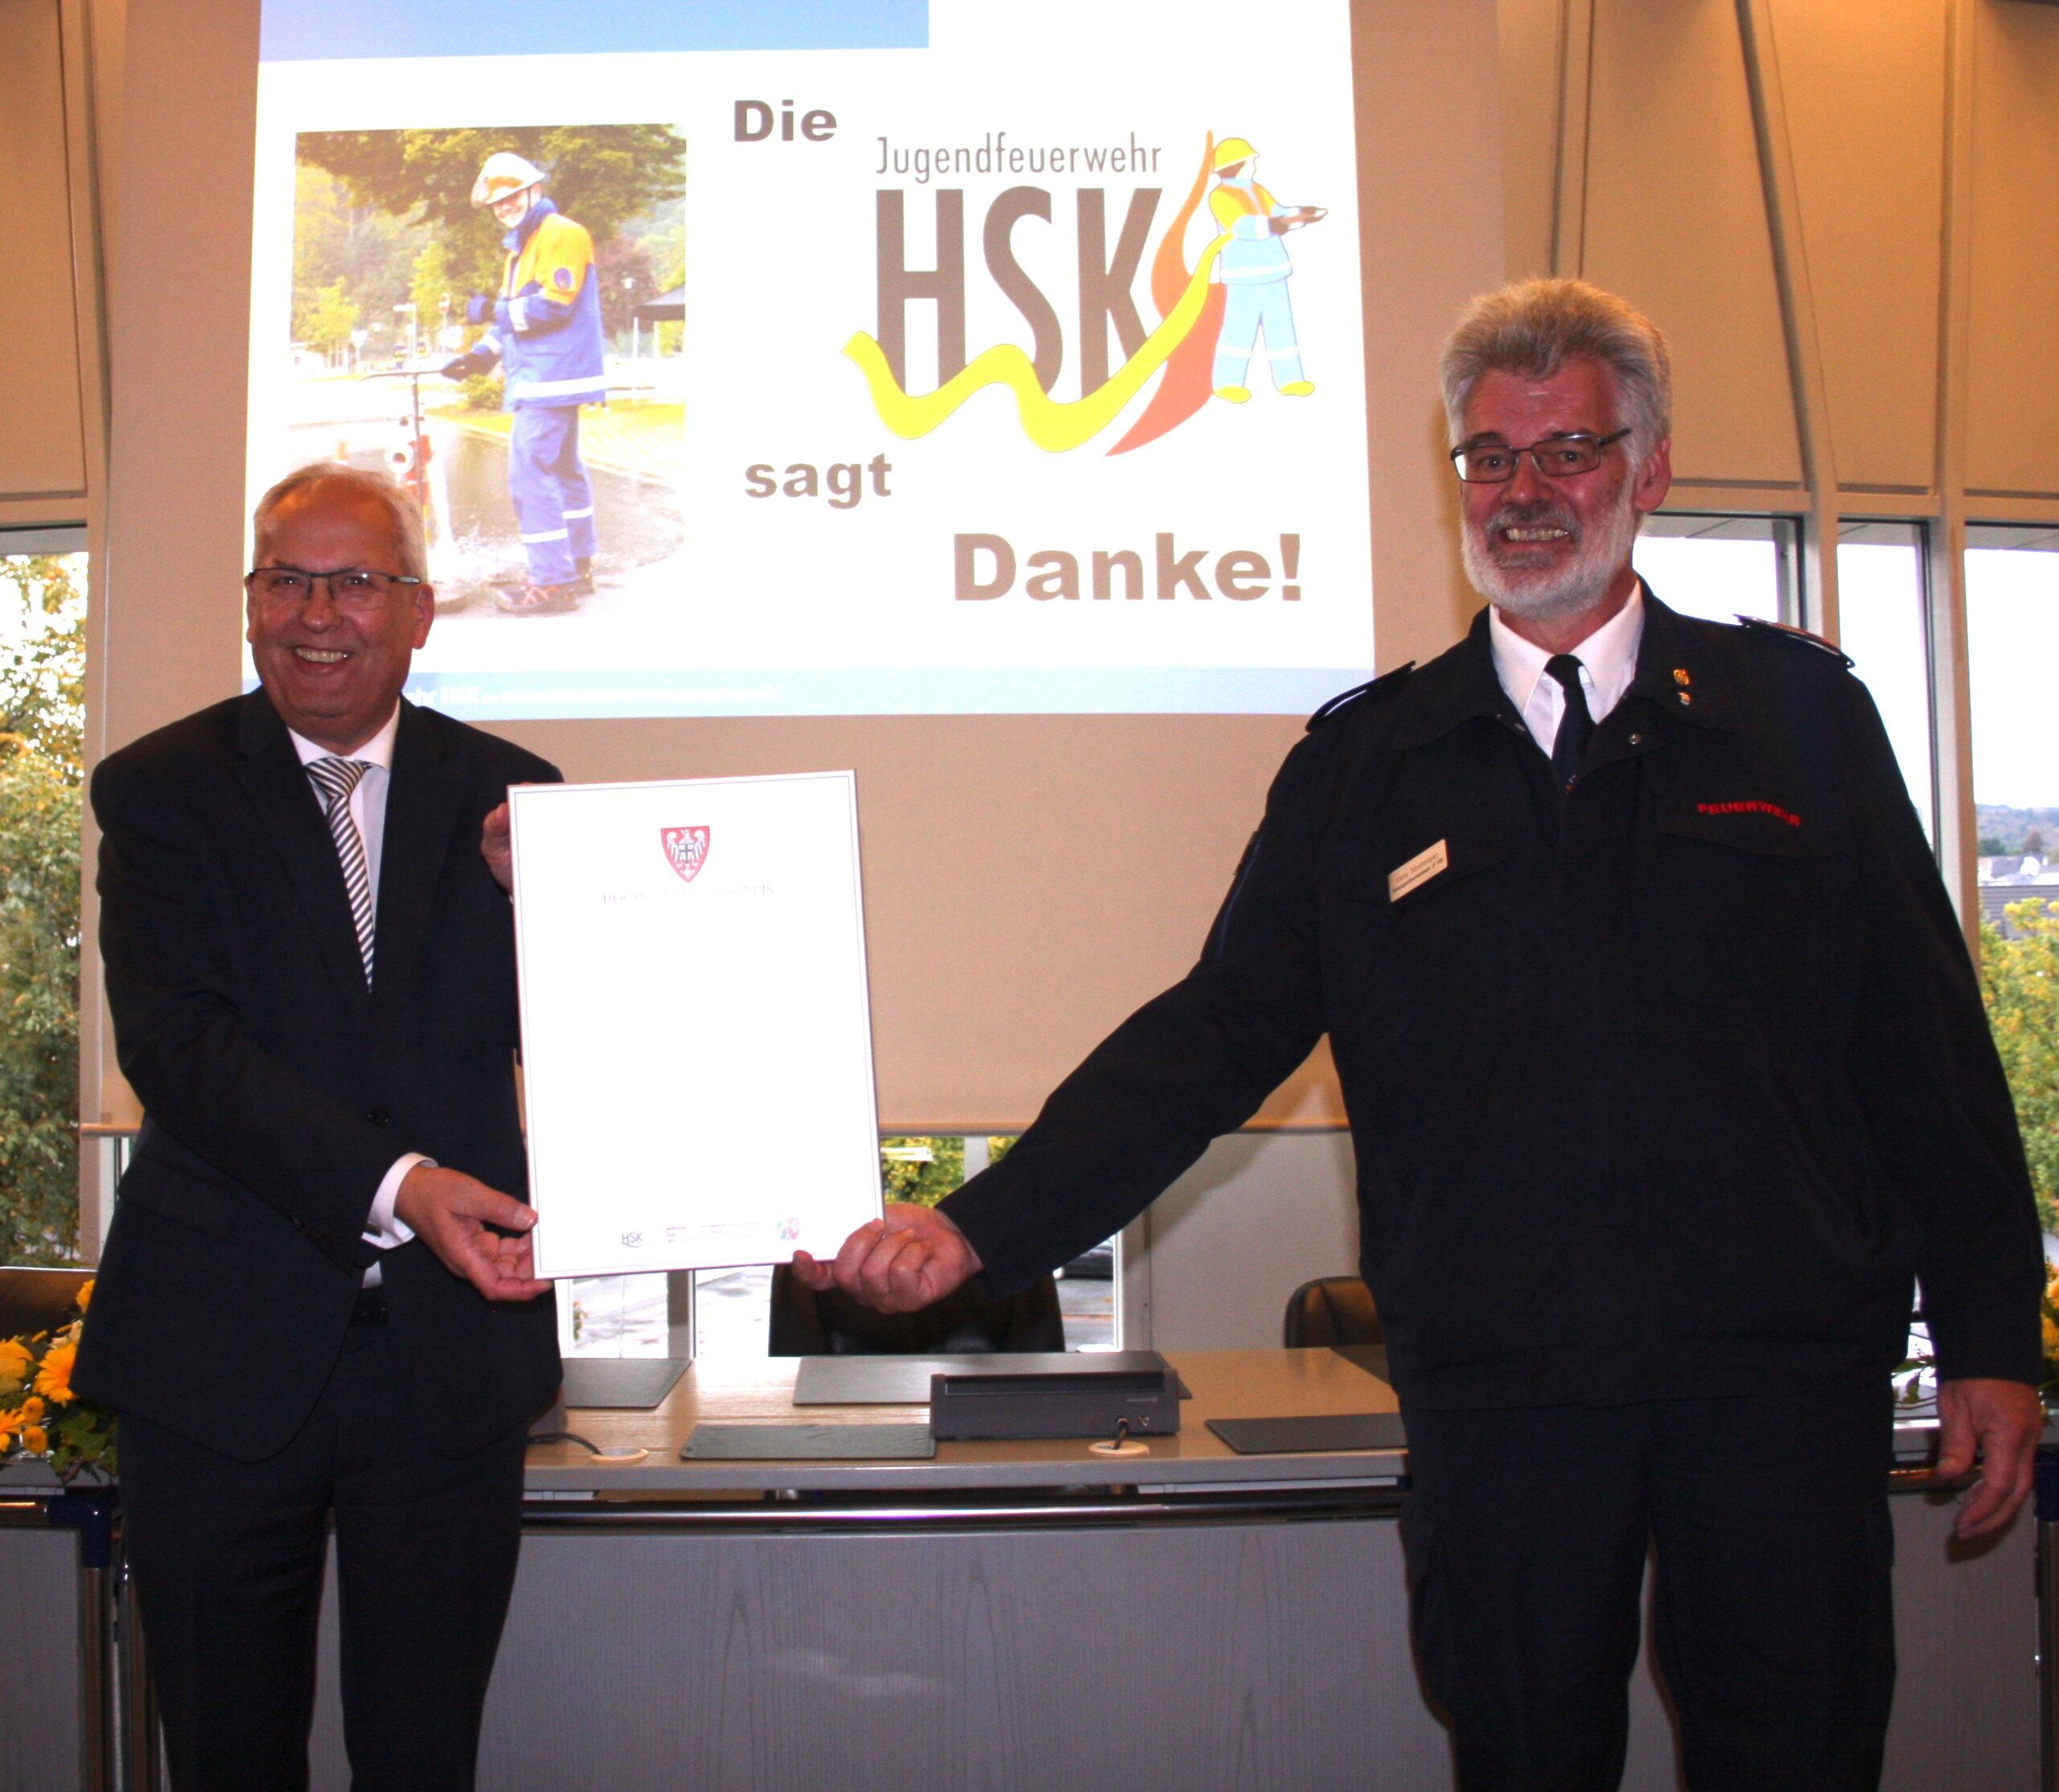 Heimatpreis für Jugendfeuerwehren HSK